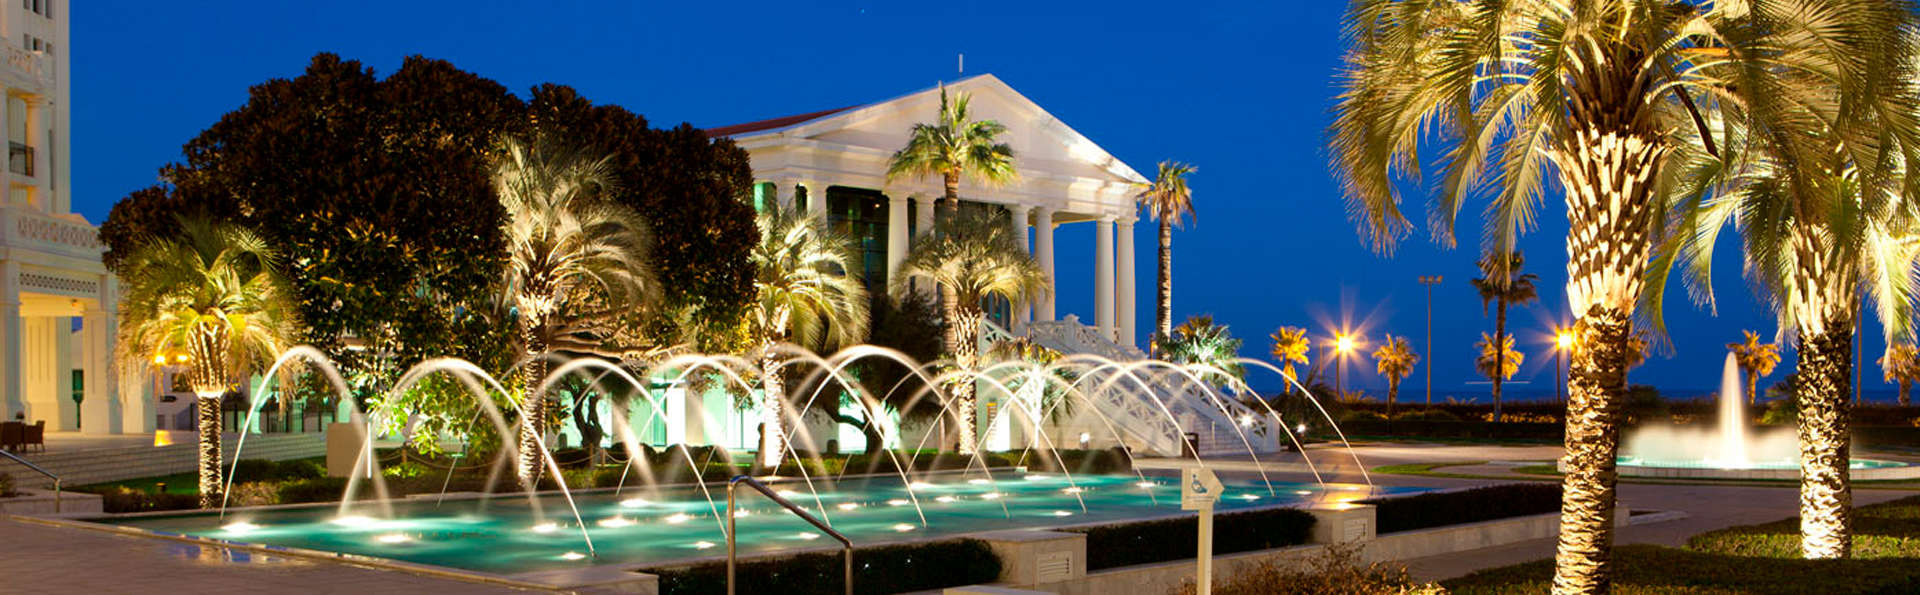 Escapade de l'amour avec dîner romantique dans un endroit de rêve à Valence